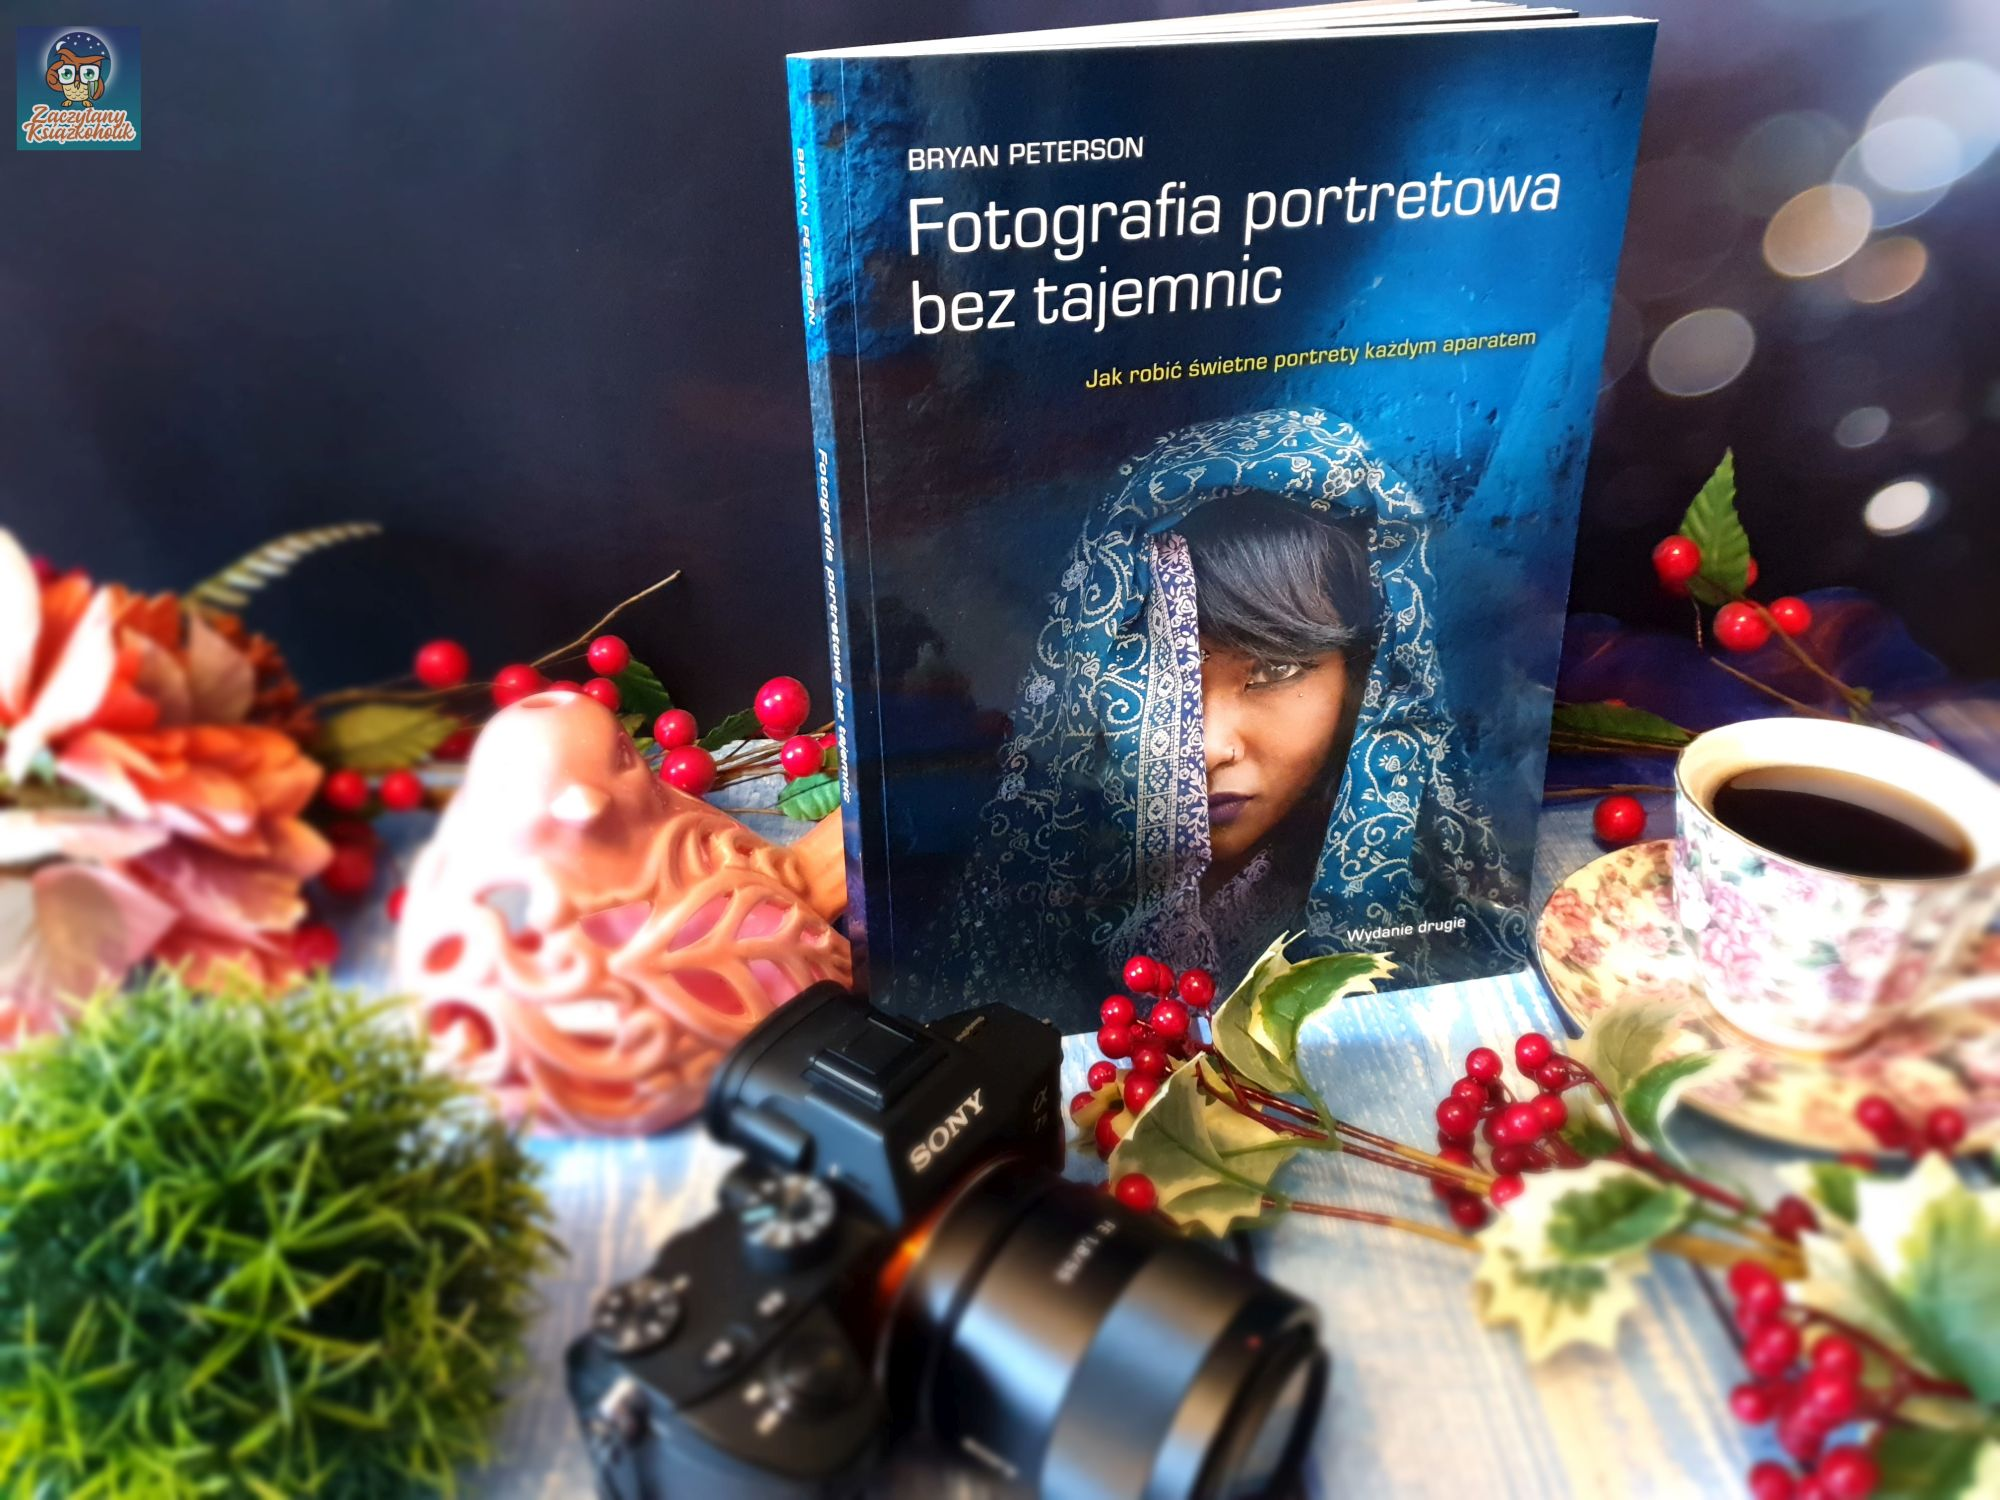 Fotografia portretowa bez tajemnic, Bryan Peterson, zaczytanyksiazkoholik.pl